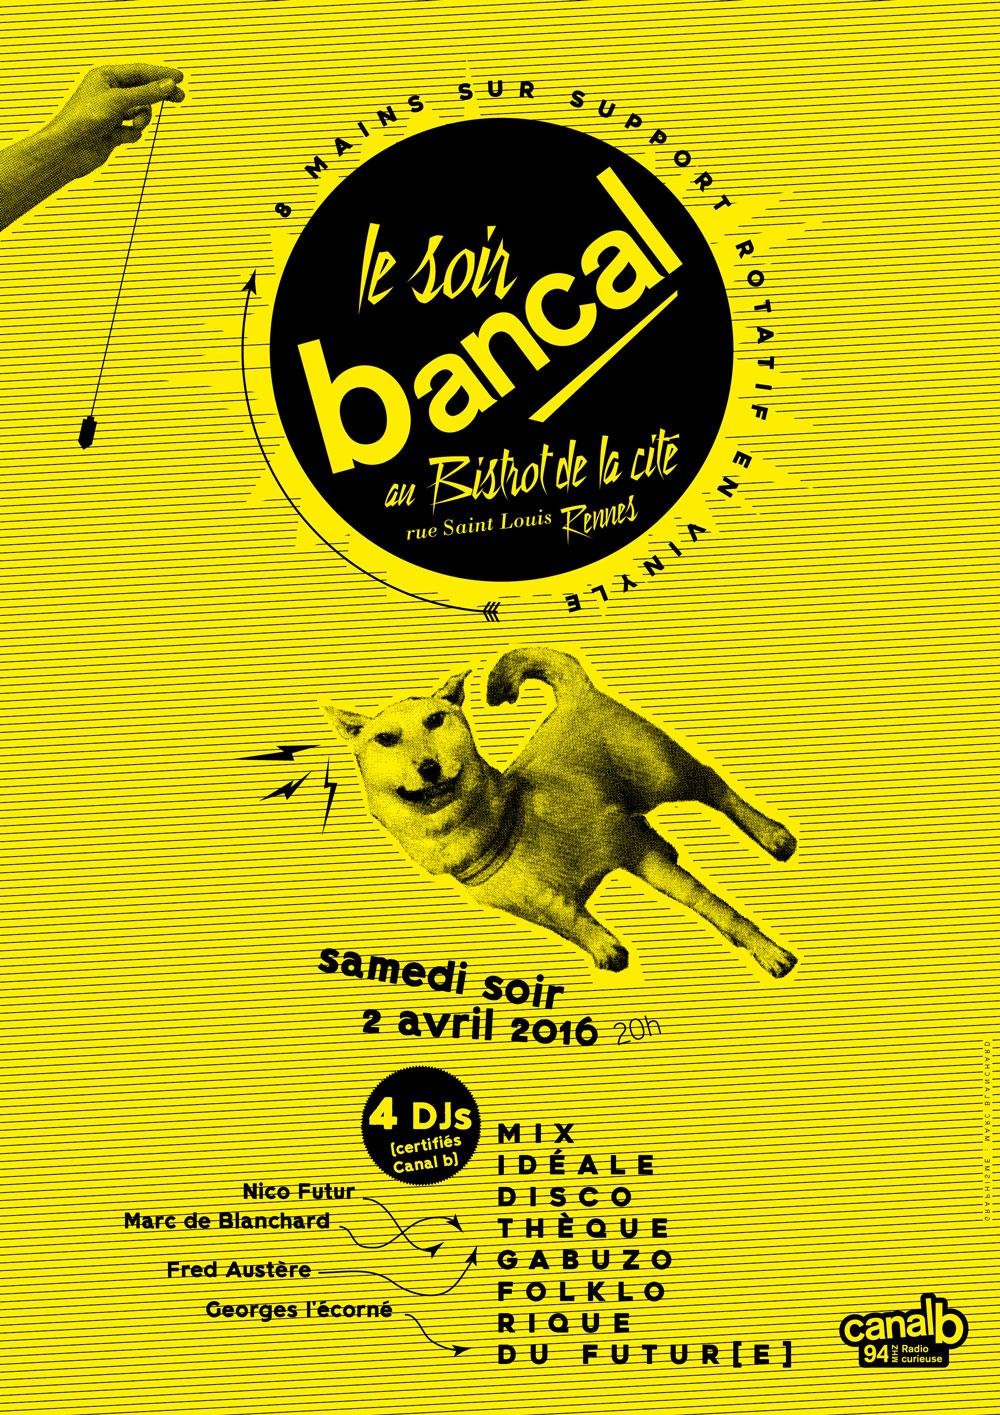 Le soir bancal - Canal B - Bistrot de la cité Rennes Bretagne France